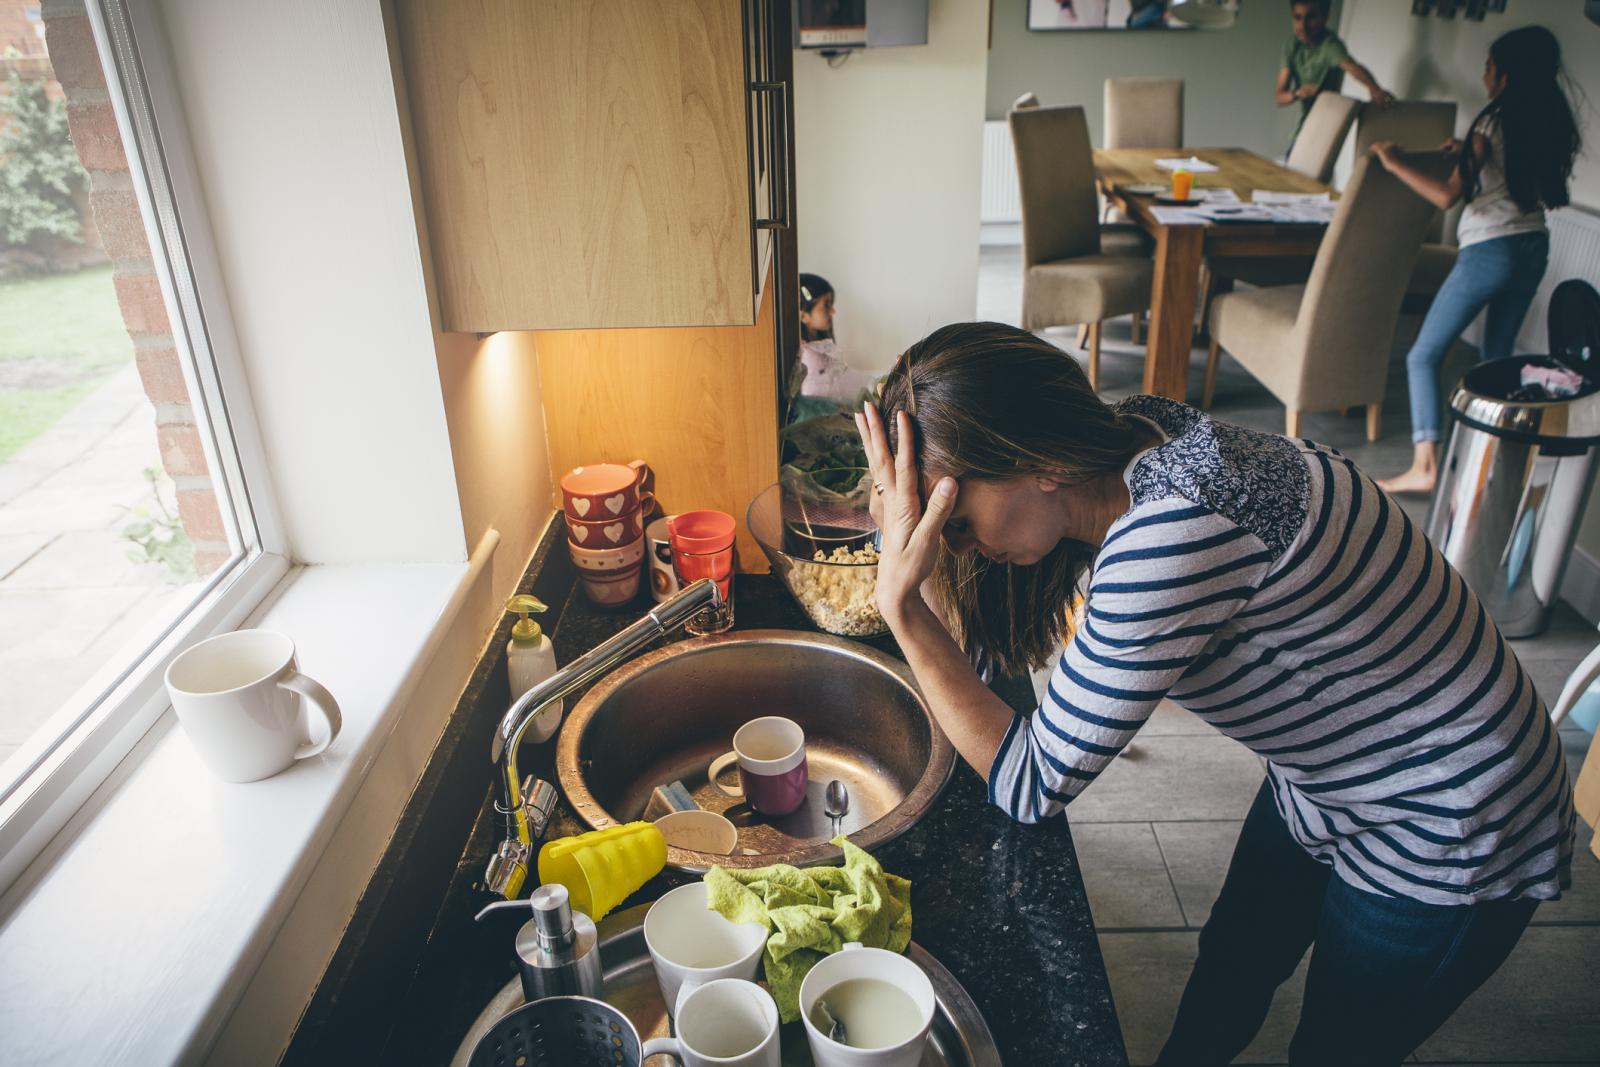 Zbog nekih svakodnevnih grešaka u kuhinji kojih nismo niti svjesni, hrana nam ne uspijeva kako bismo htjeli.